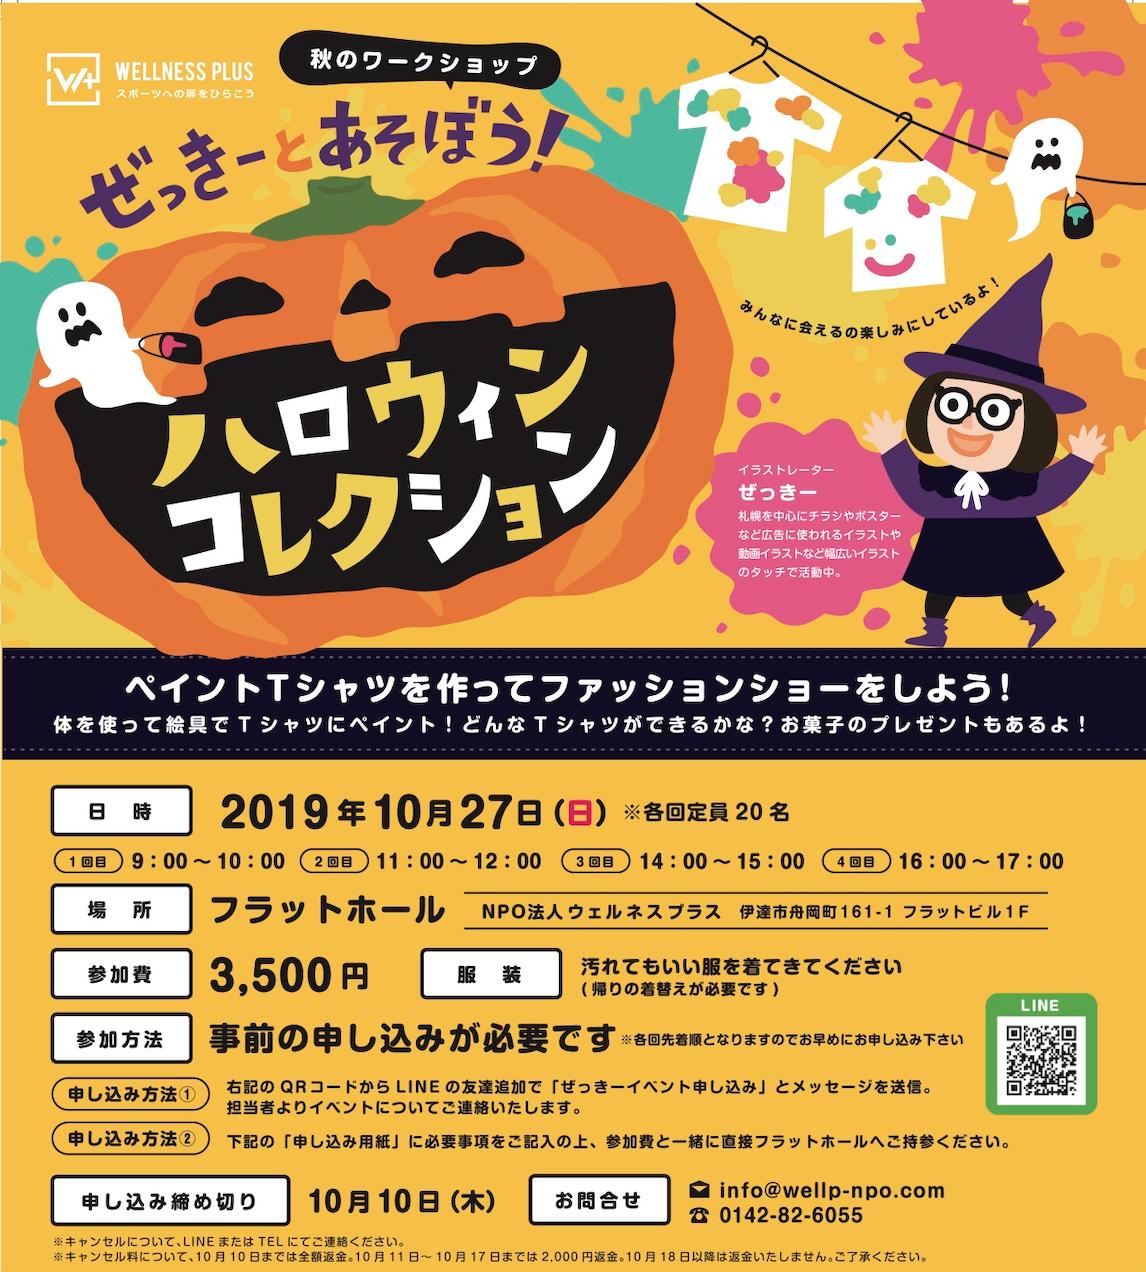 2019年10月26日開催!ぜっきーとあそぼう!ハロウィンコレクション!